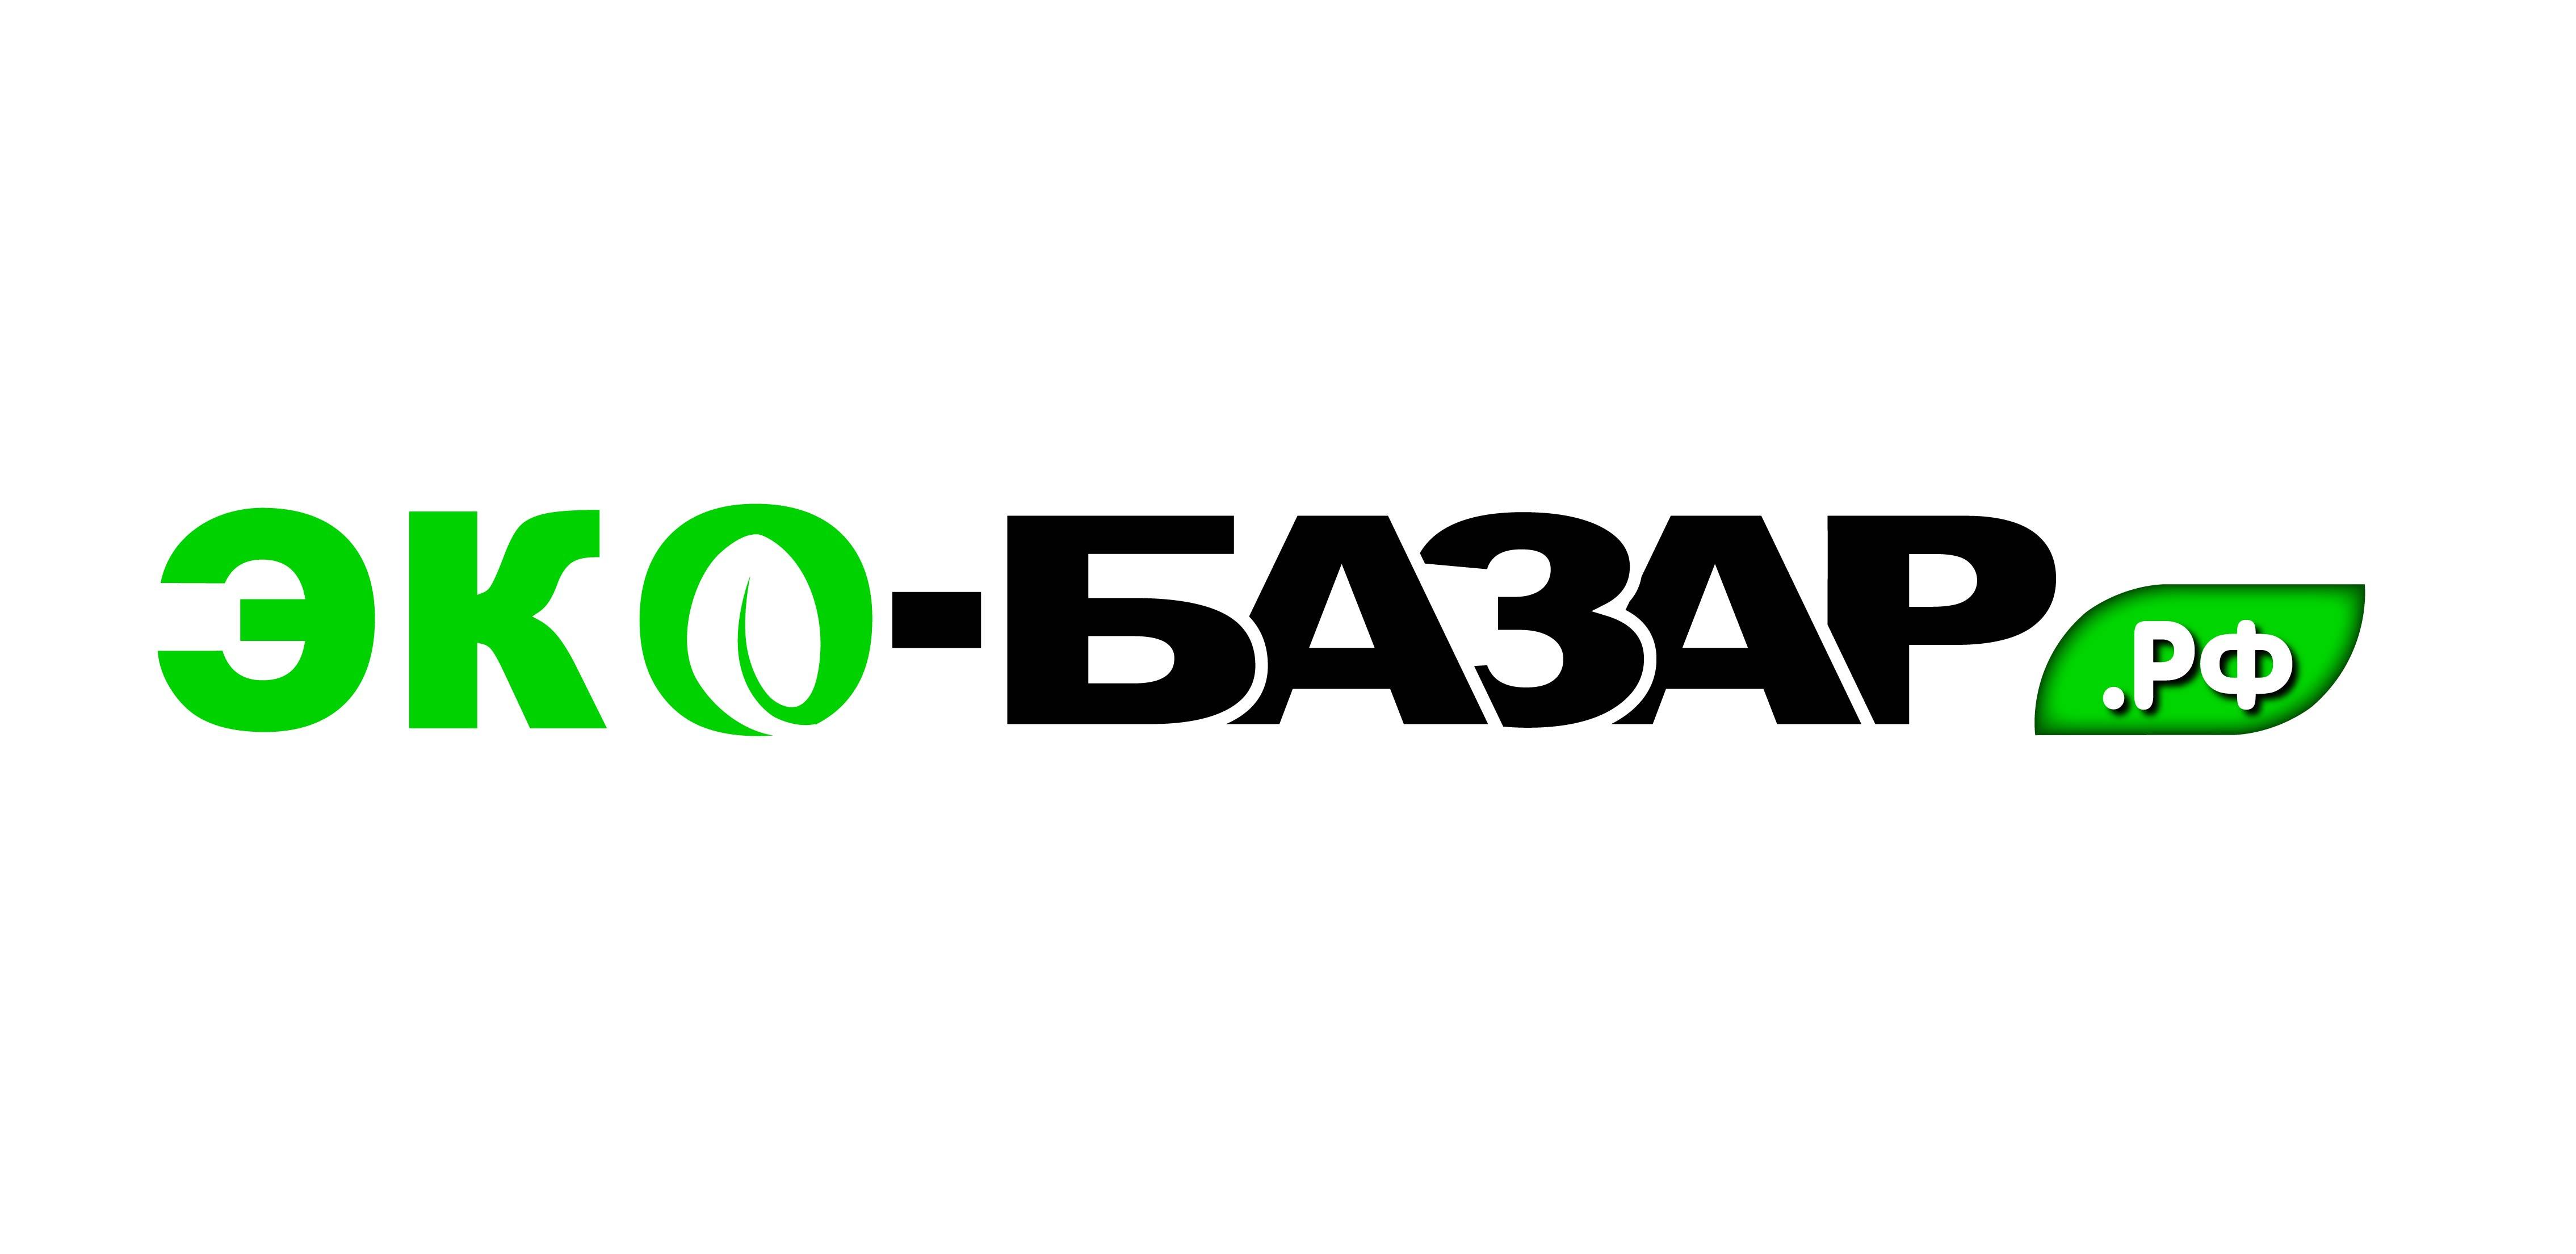 Логотип компании натуральных (фермерских) продуктов фото f_938594167a101f04.jpg